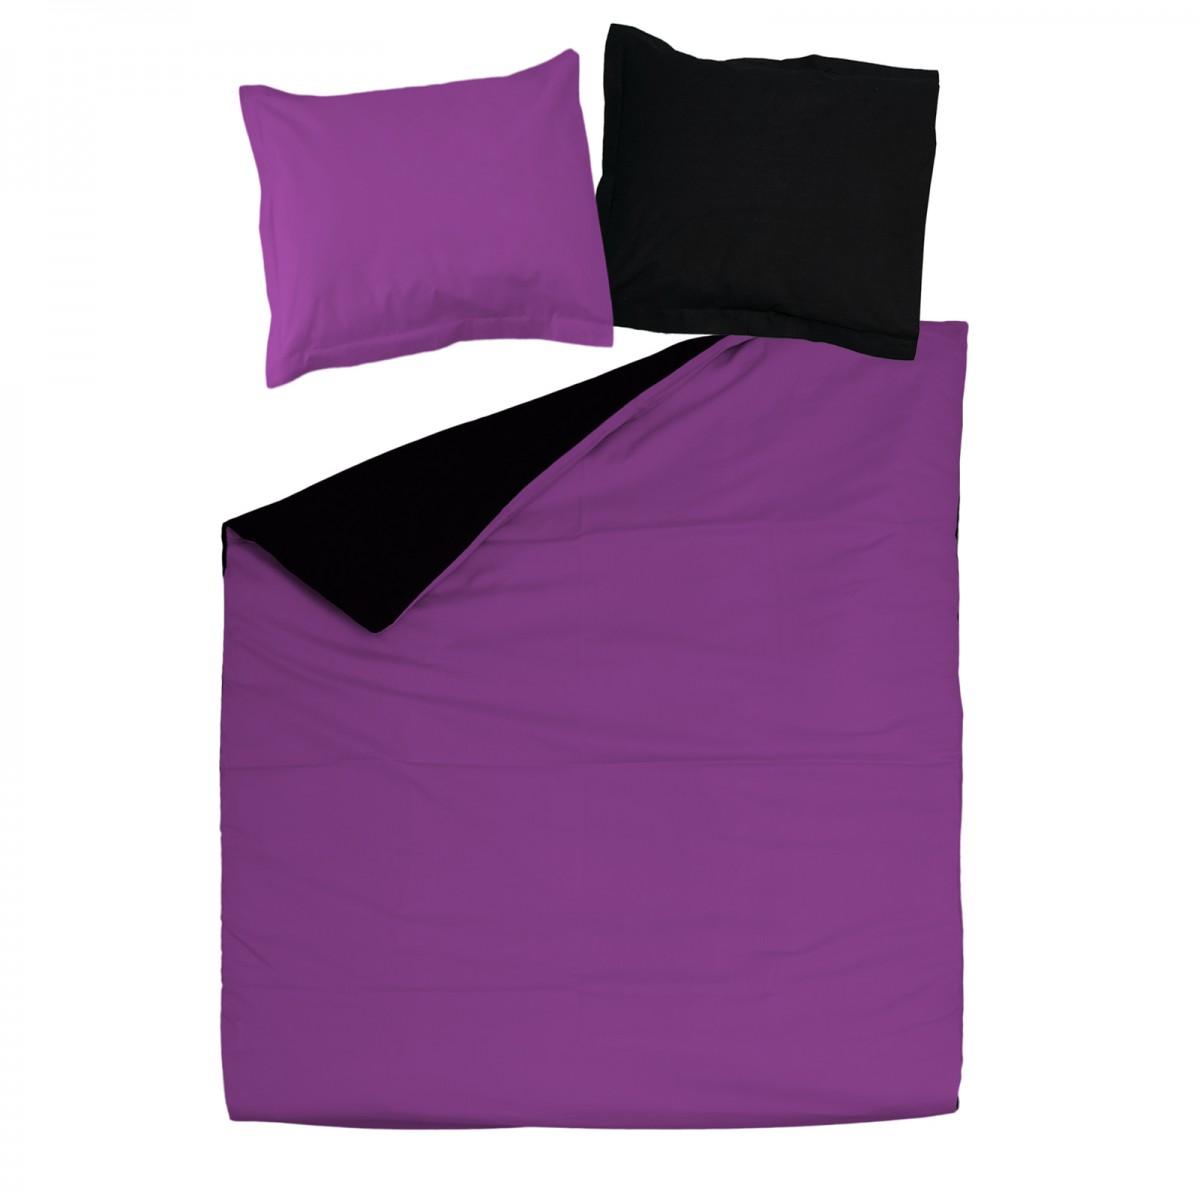 noir violet 100 coton parure de lit r versible. Black Bedroom Furniture Sets. Home Design Ideas